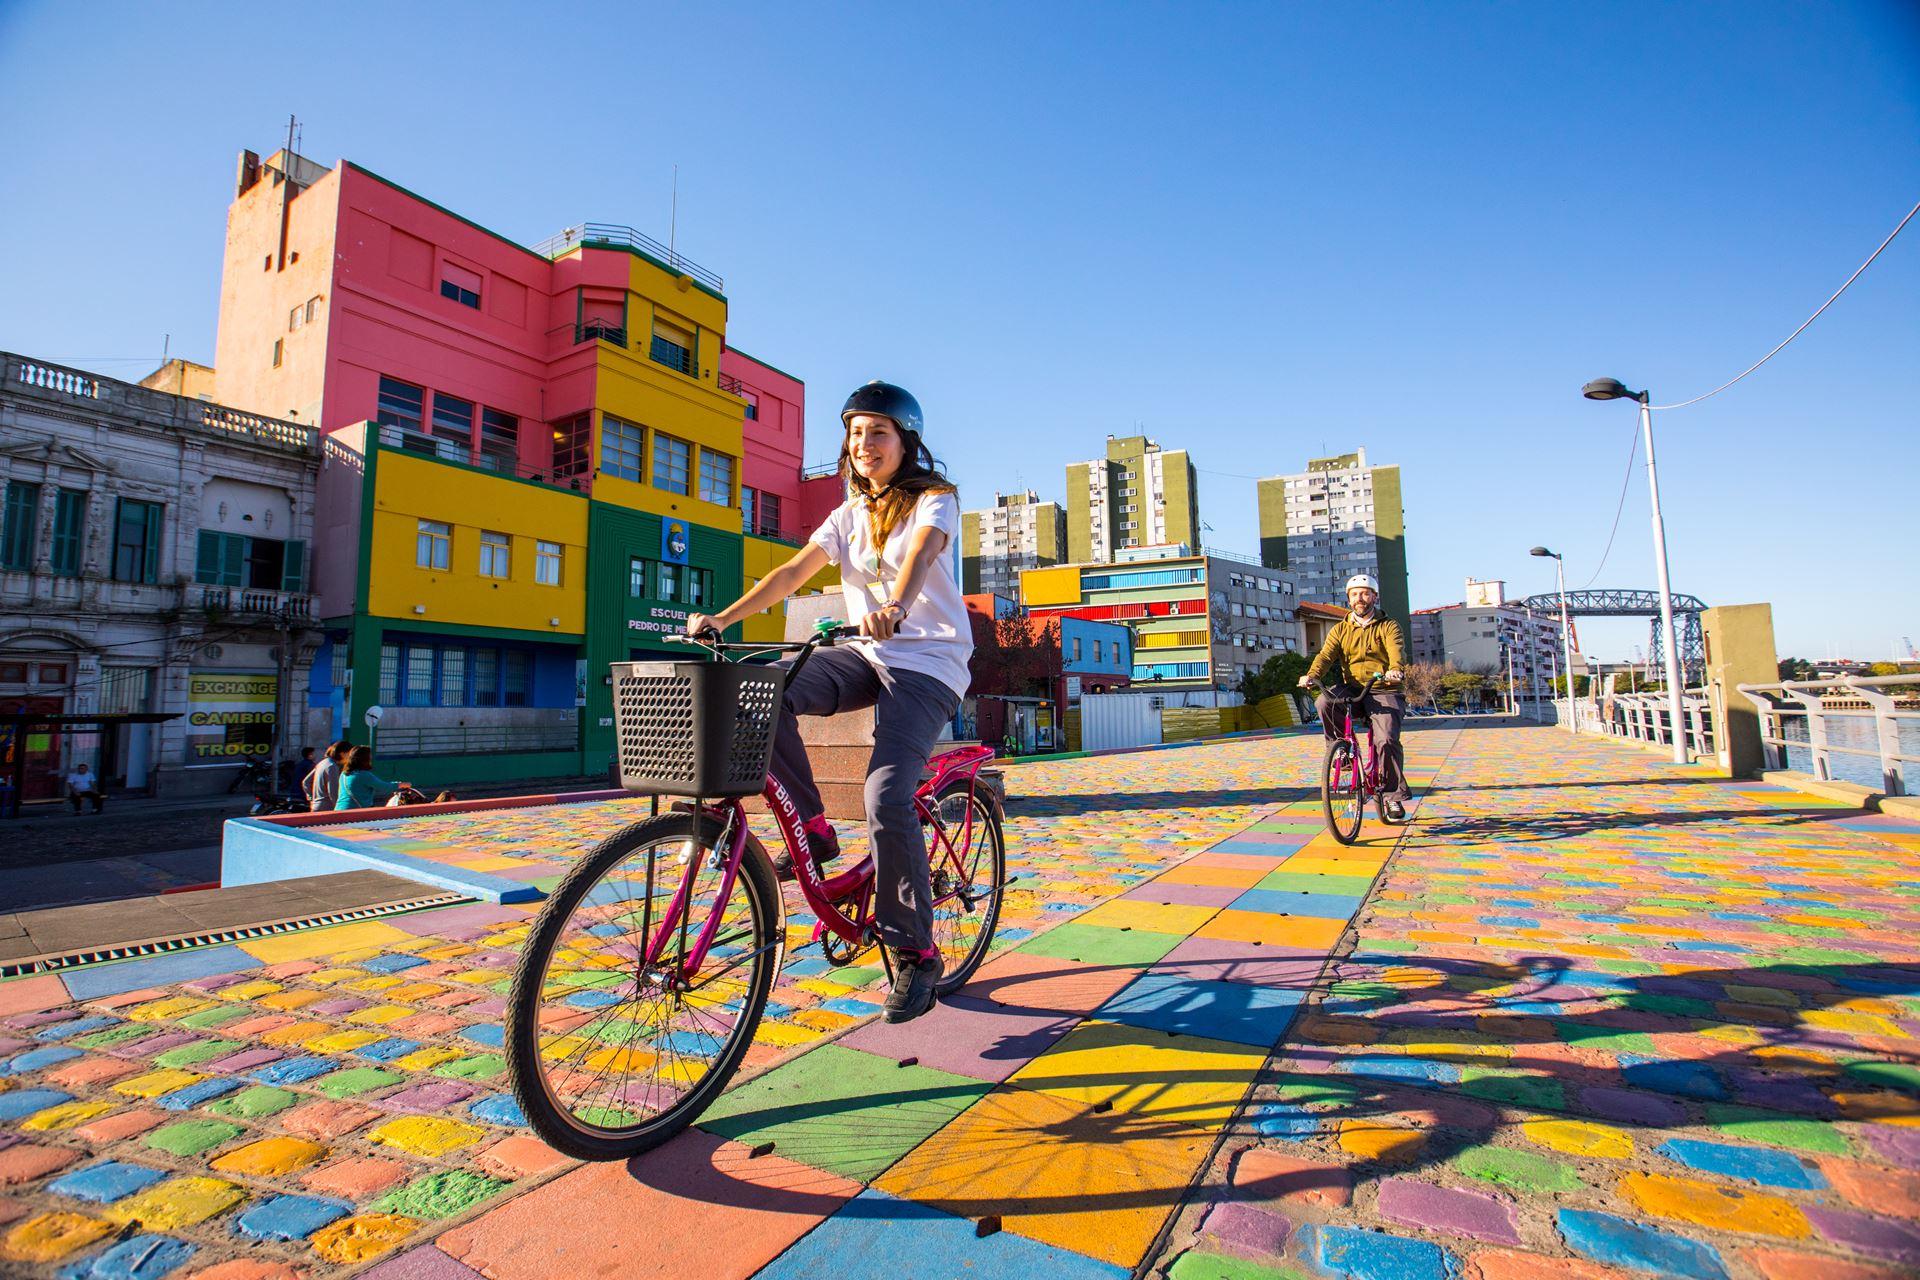 Circuítos top de calles con ciclovías en Buenos Aires